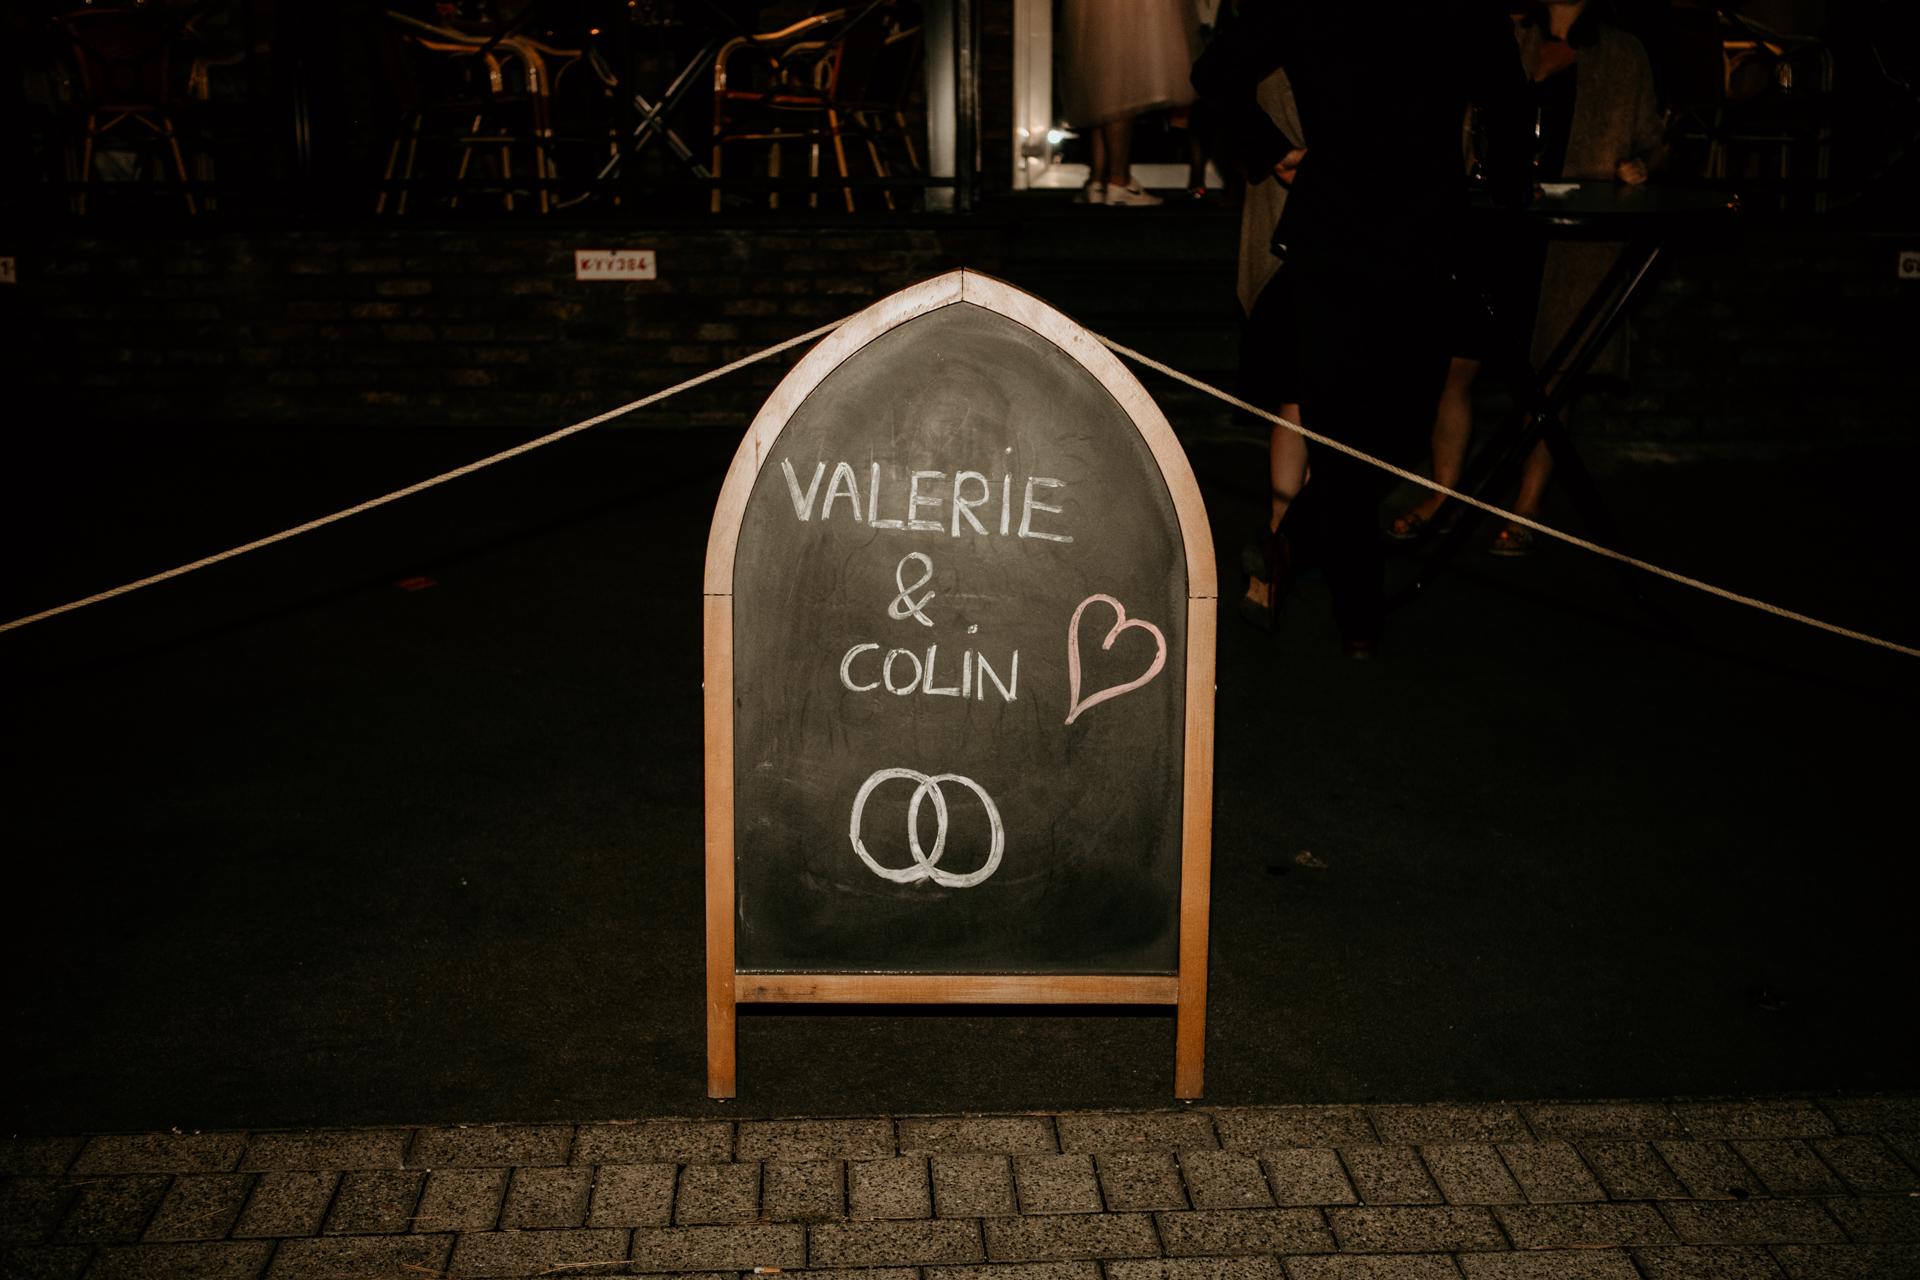 Colin&Valerie-kleinformaat-359